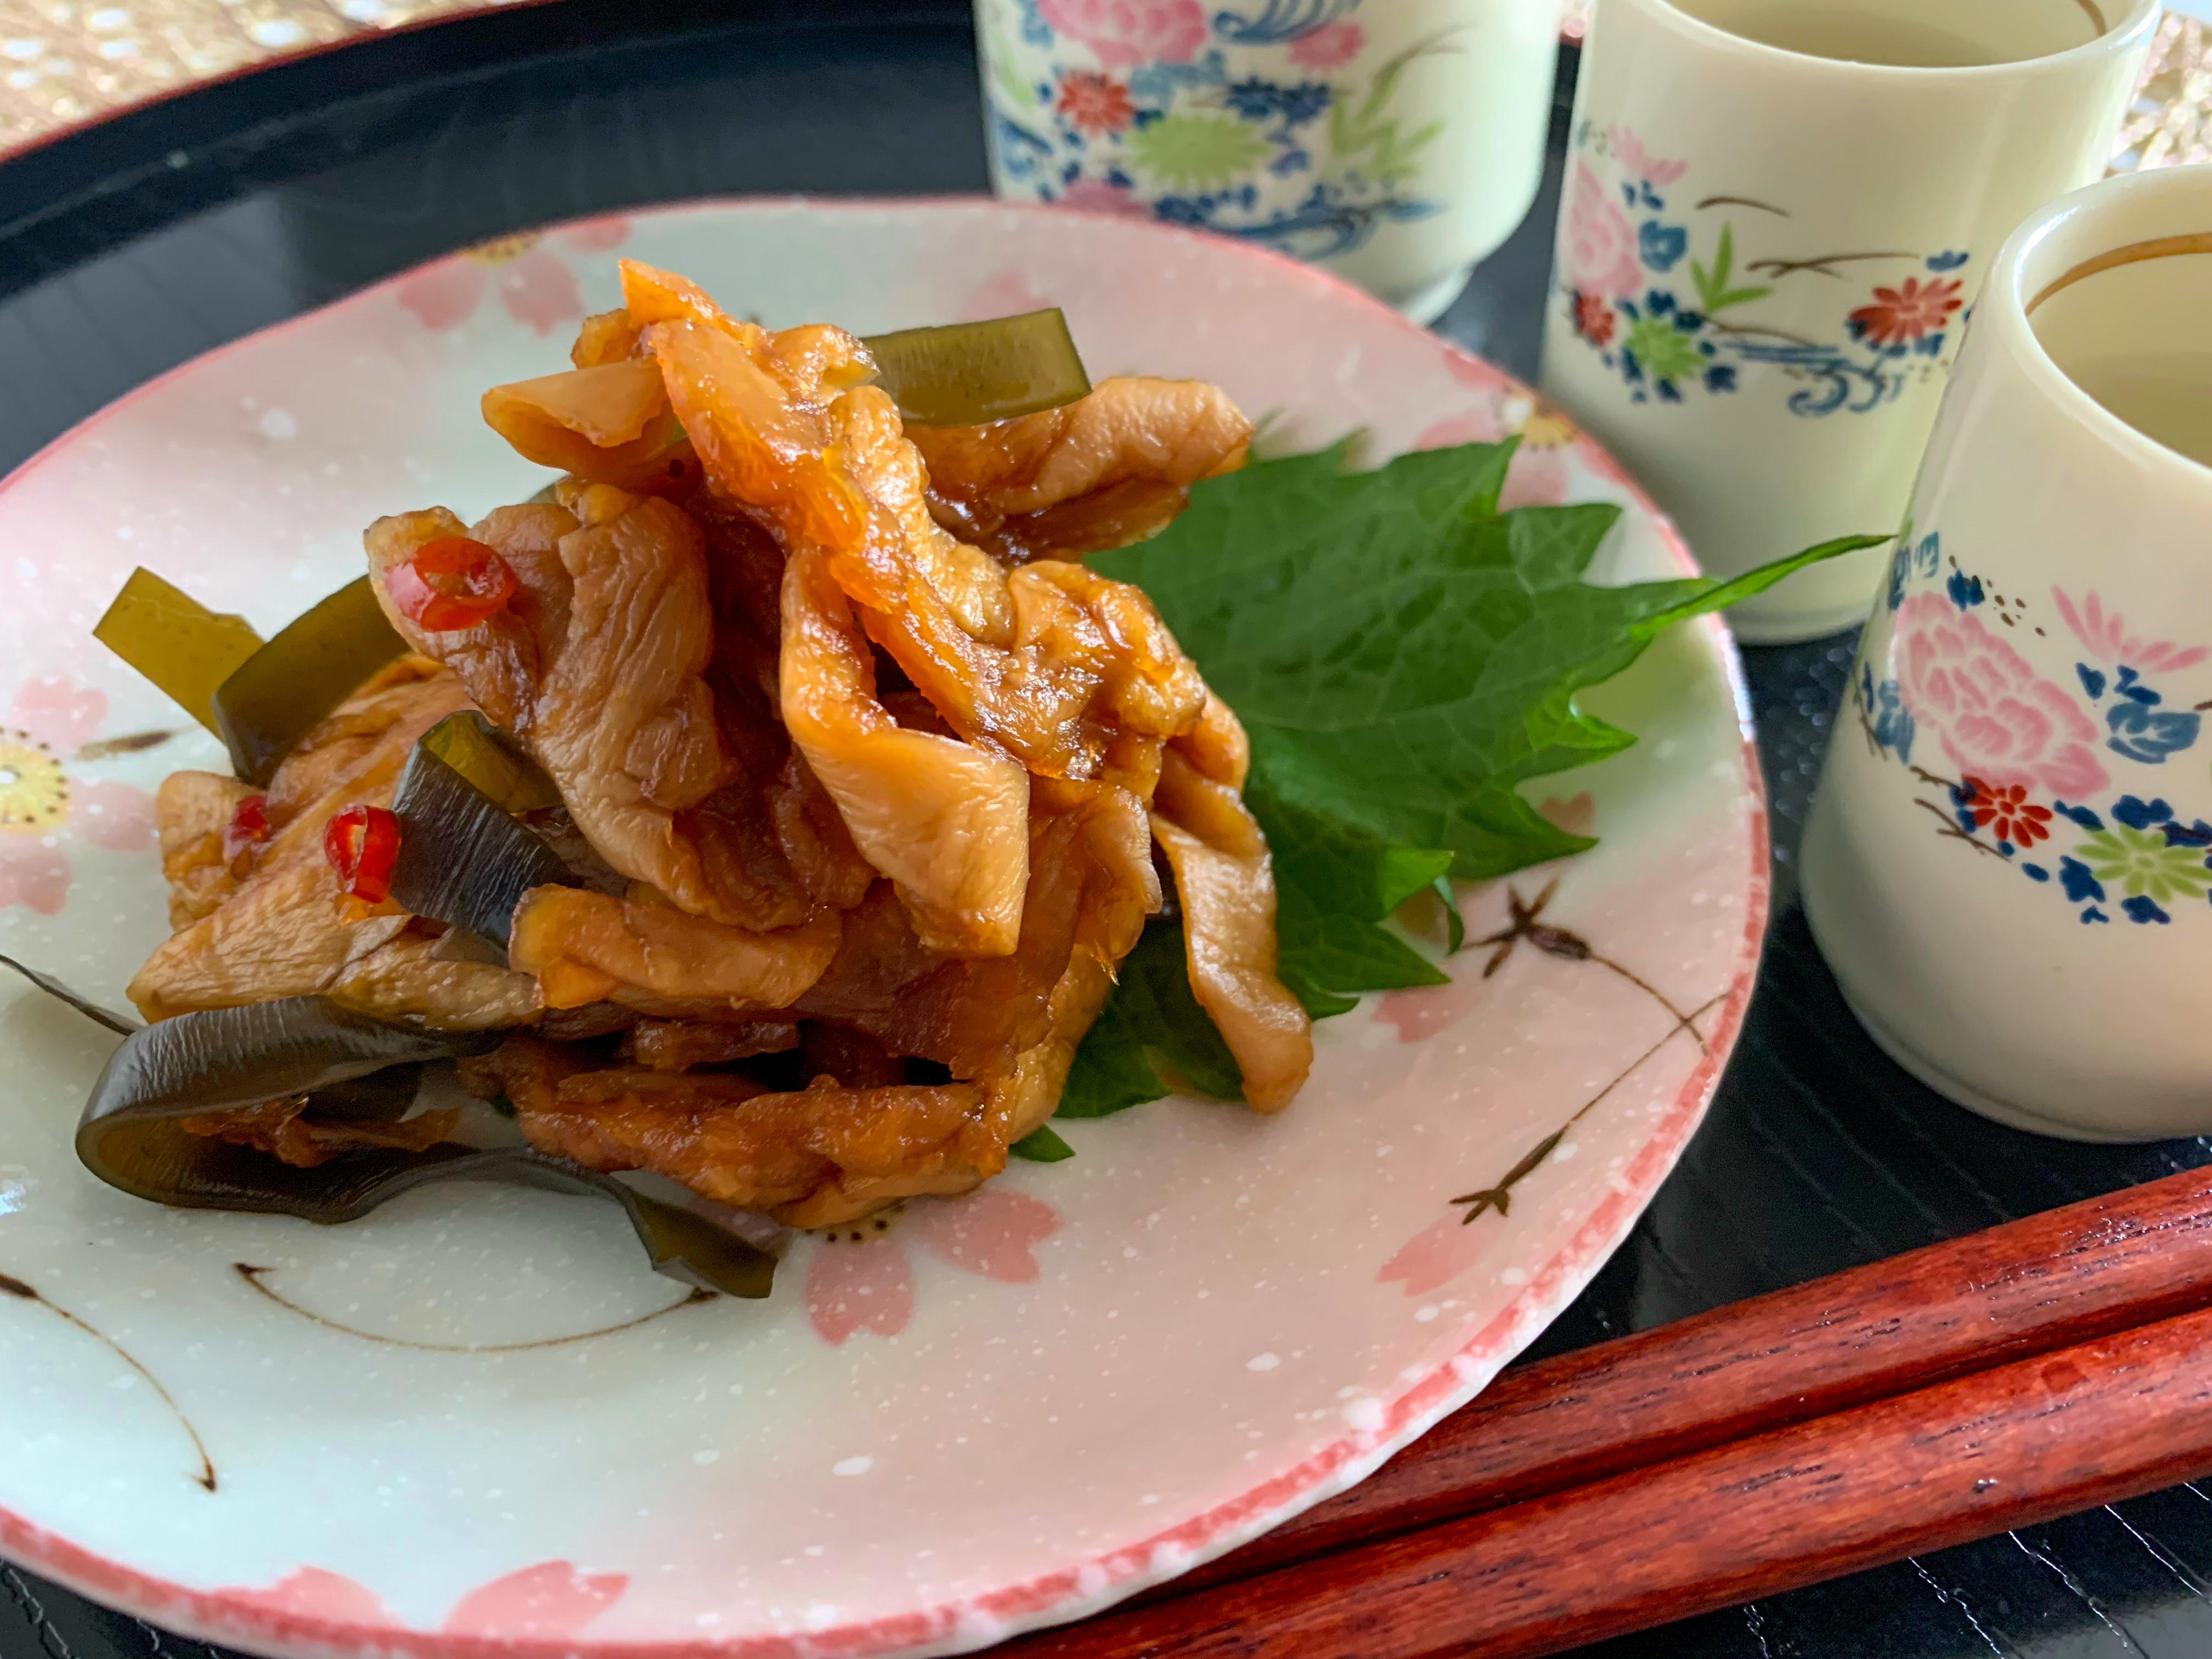 漬物 日本の味 割干大根昆布漬